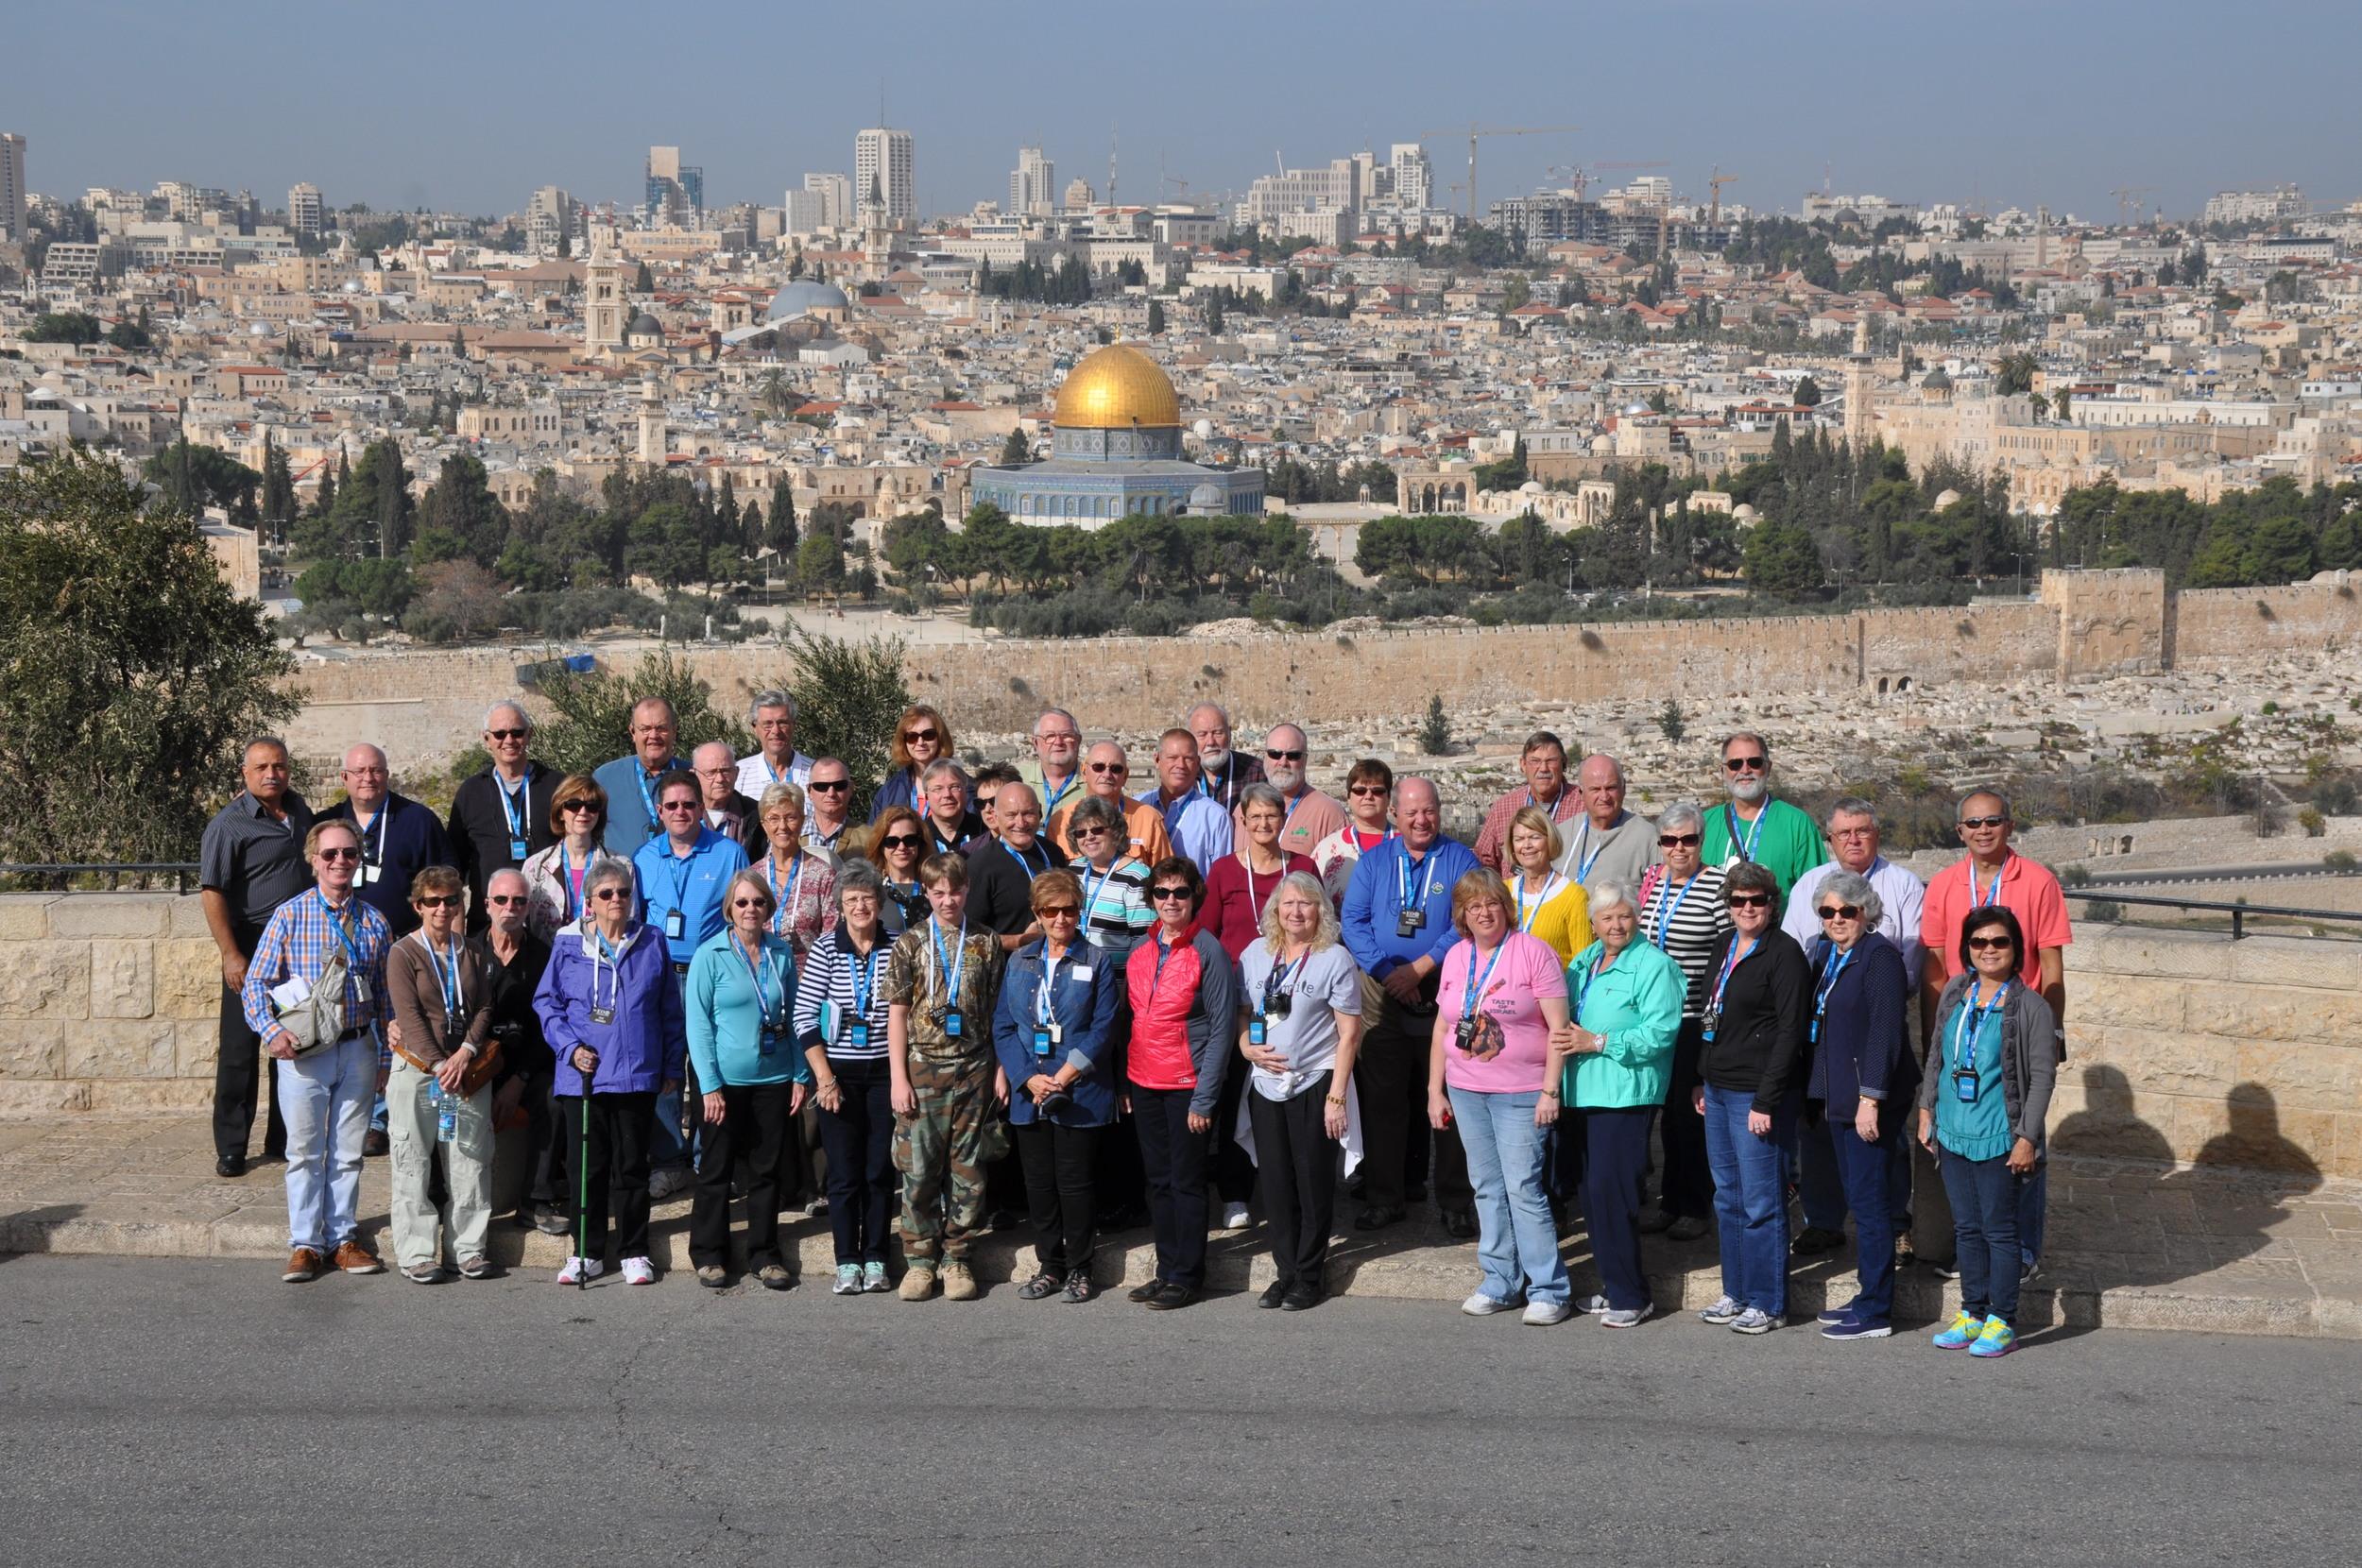 EO Group traveling week of 11/17/14